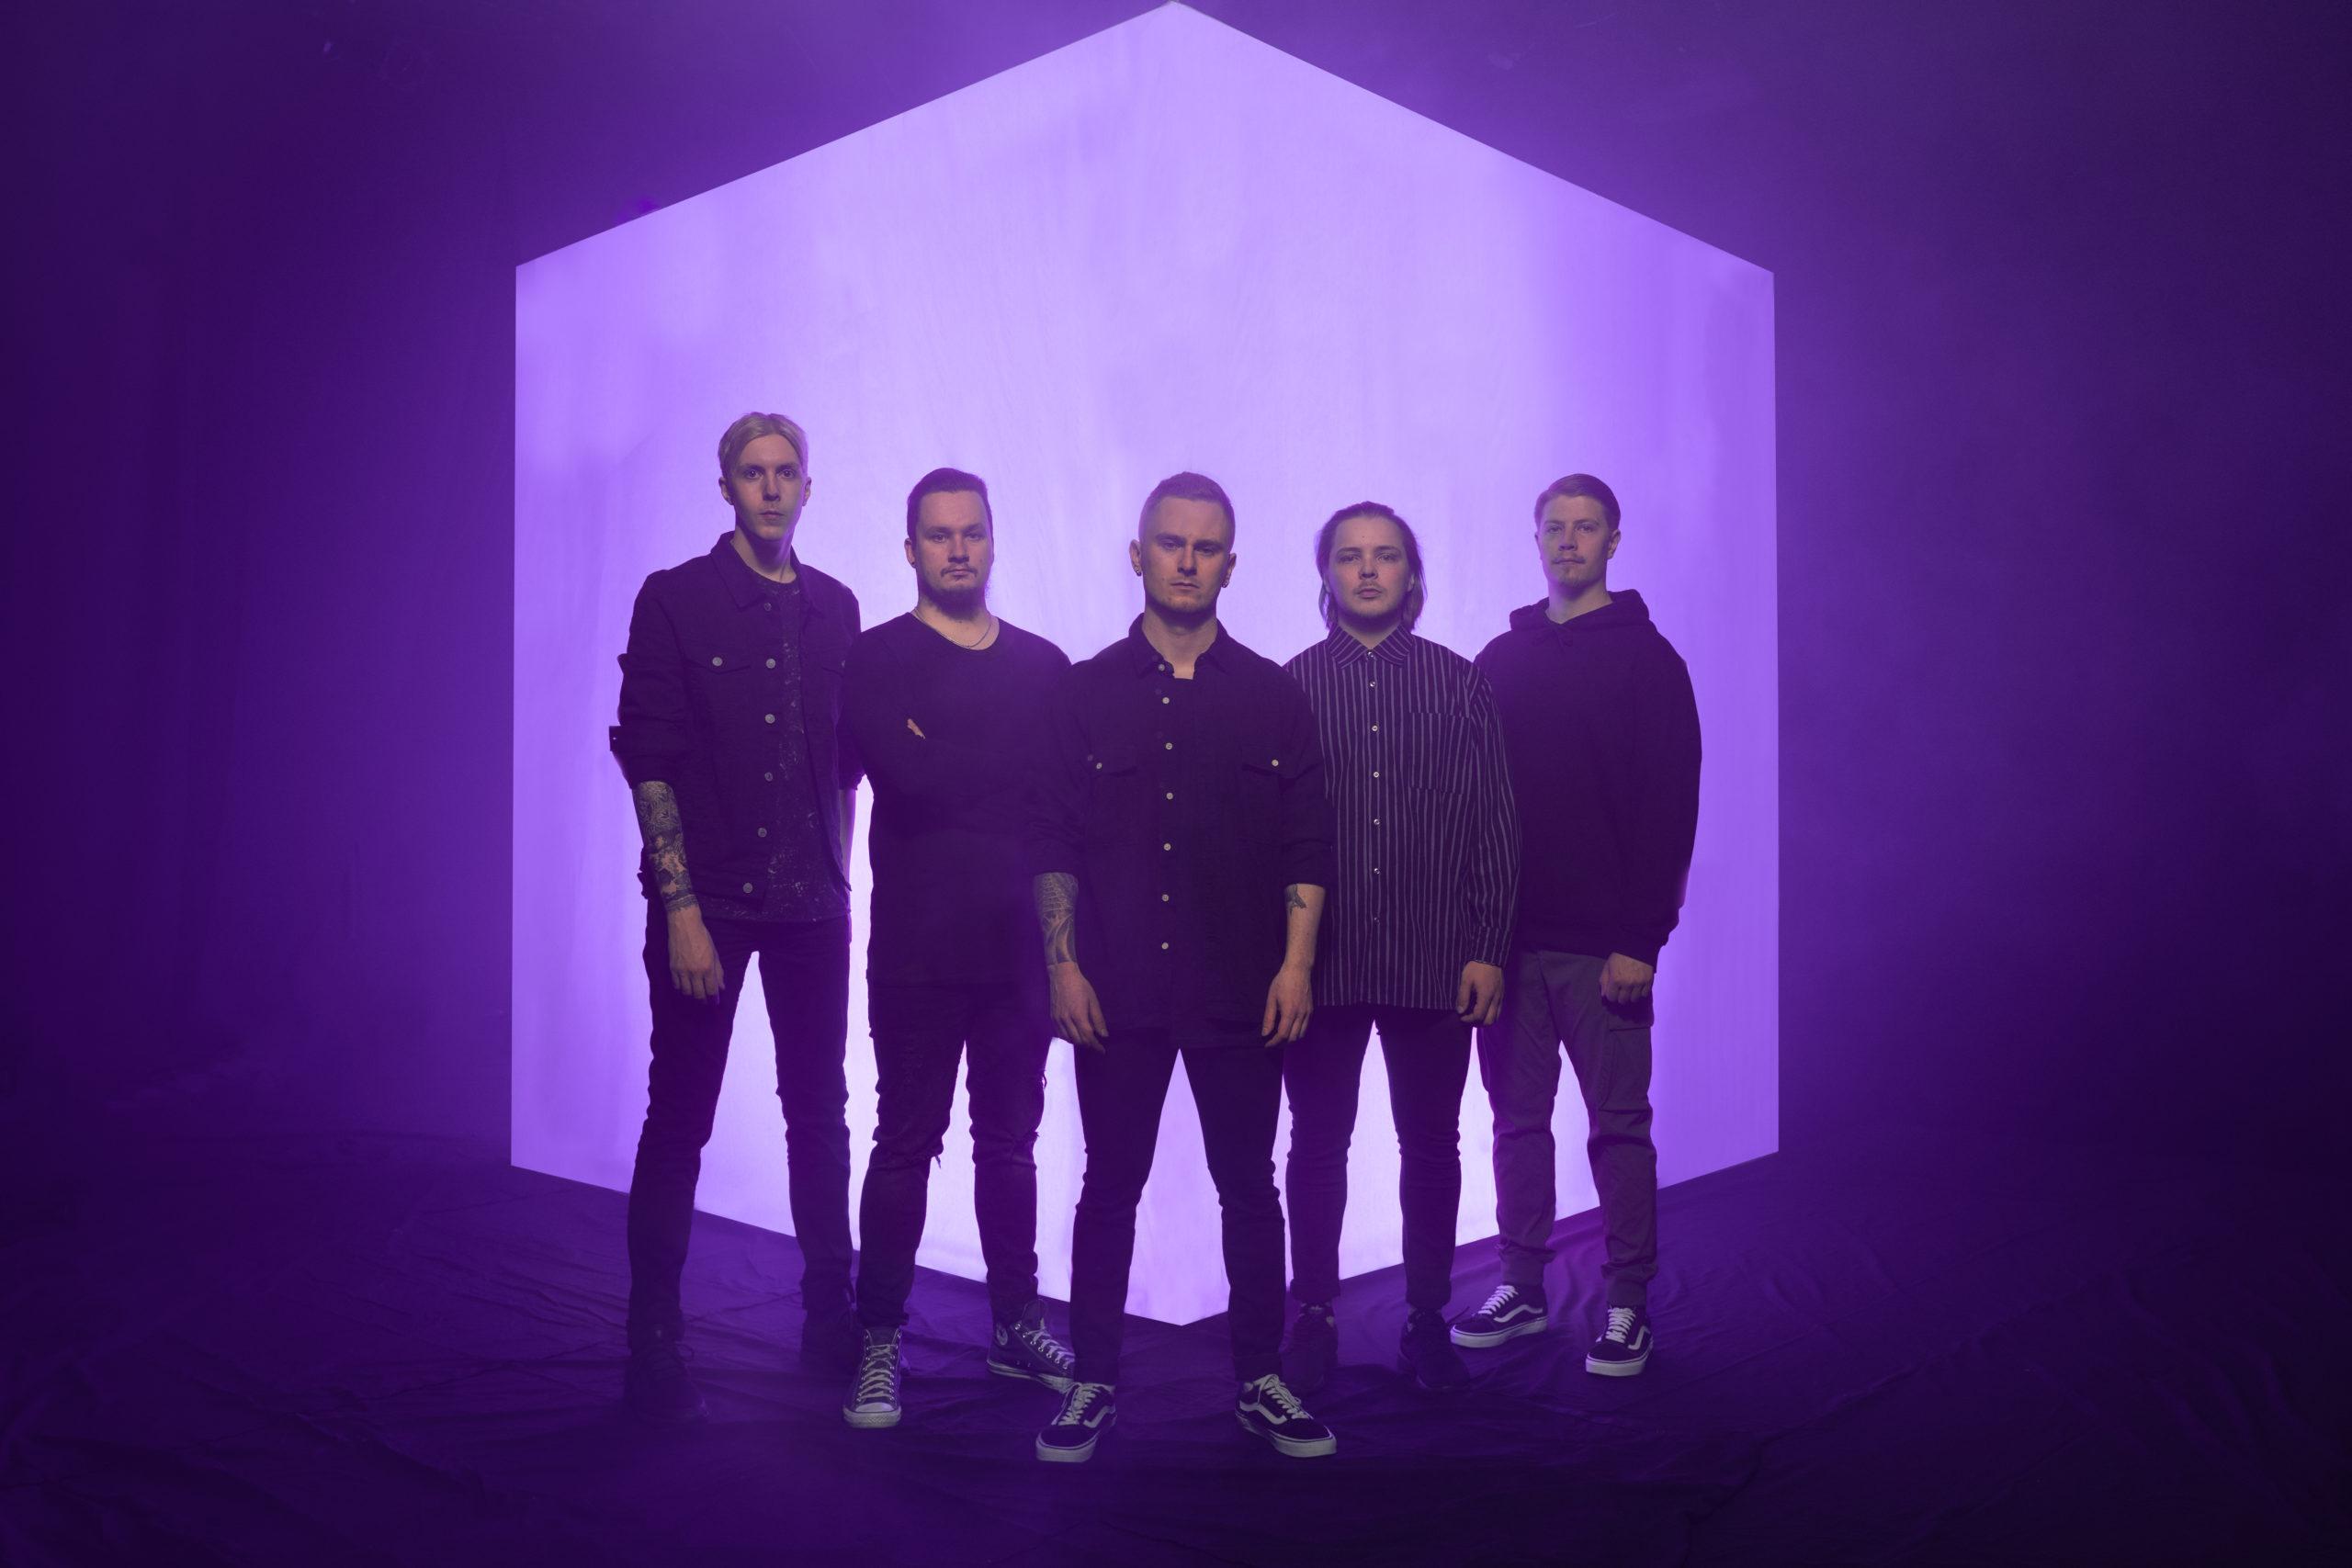 """Balance Breachin uusi single """"Escapers of Paradise"""" kuunneltavissa musiikkivideon kera"""